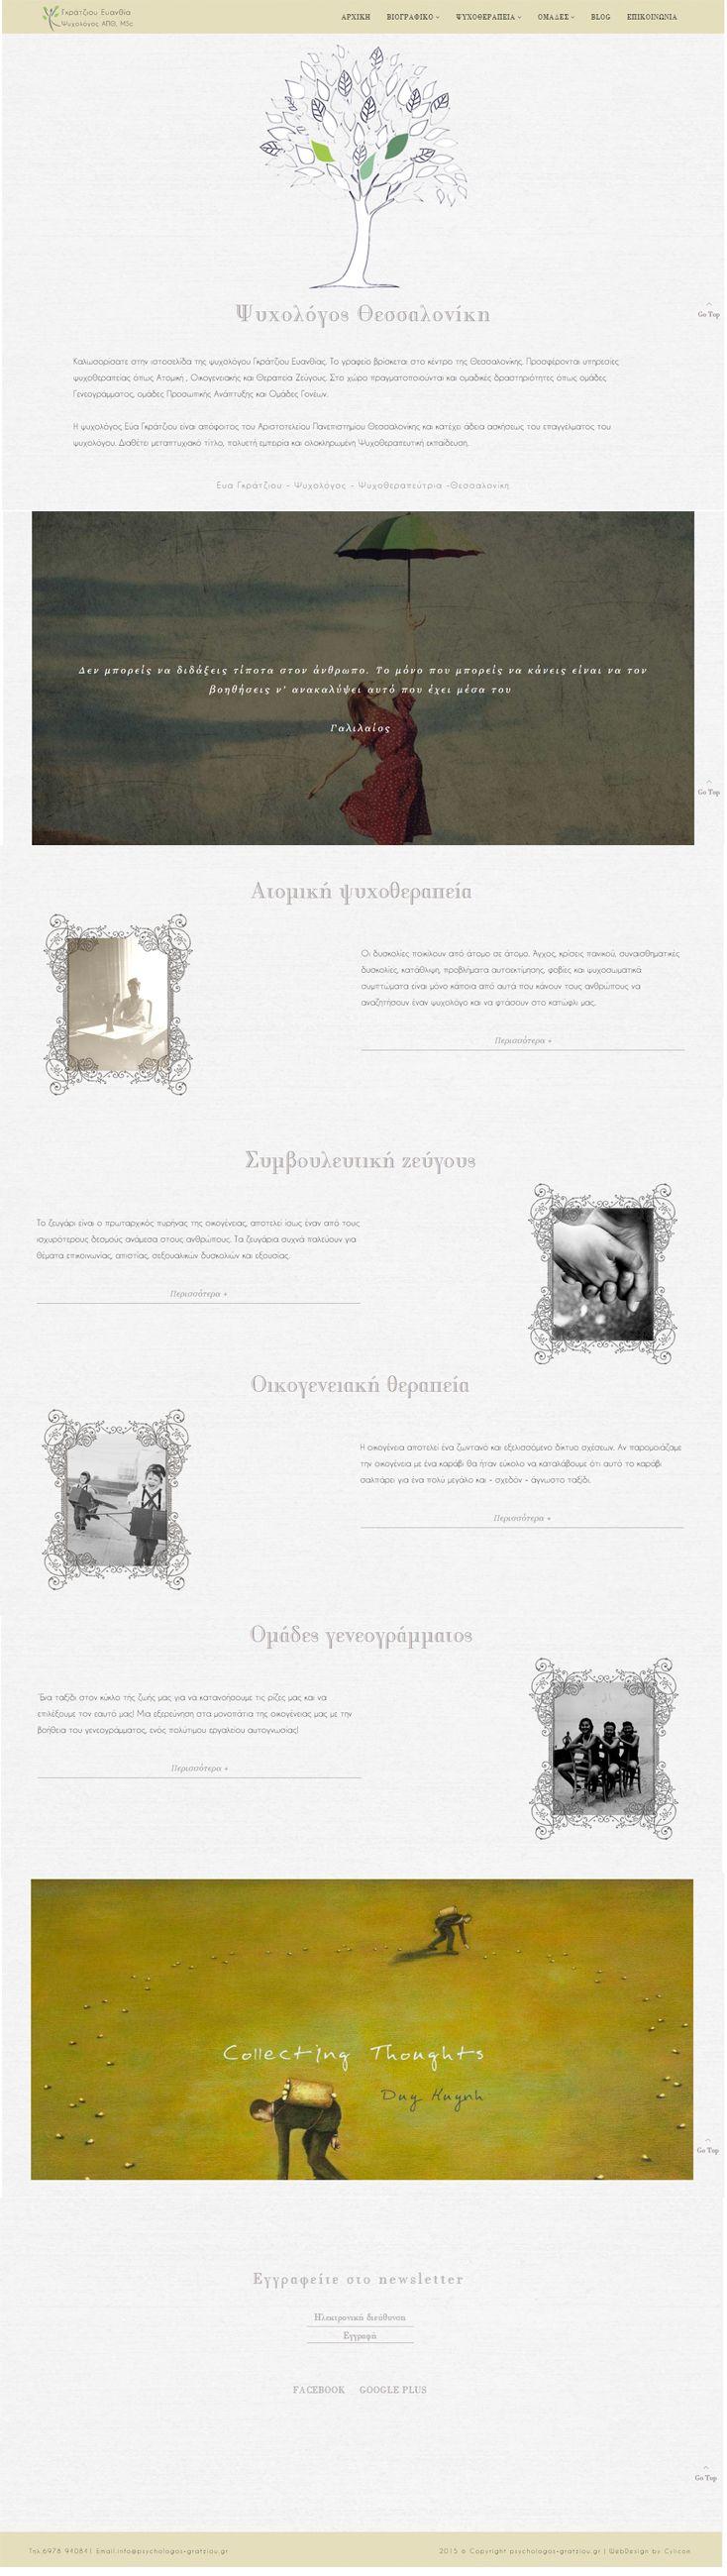 Γκράτζιου Ευανθία- Ψυχολόγος #website# by Cylicom